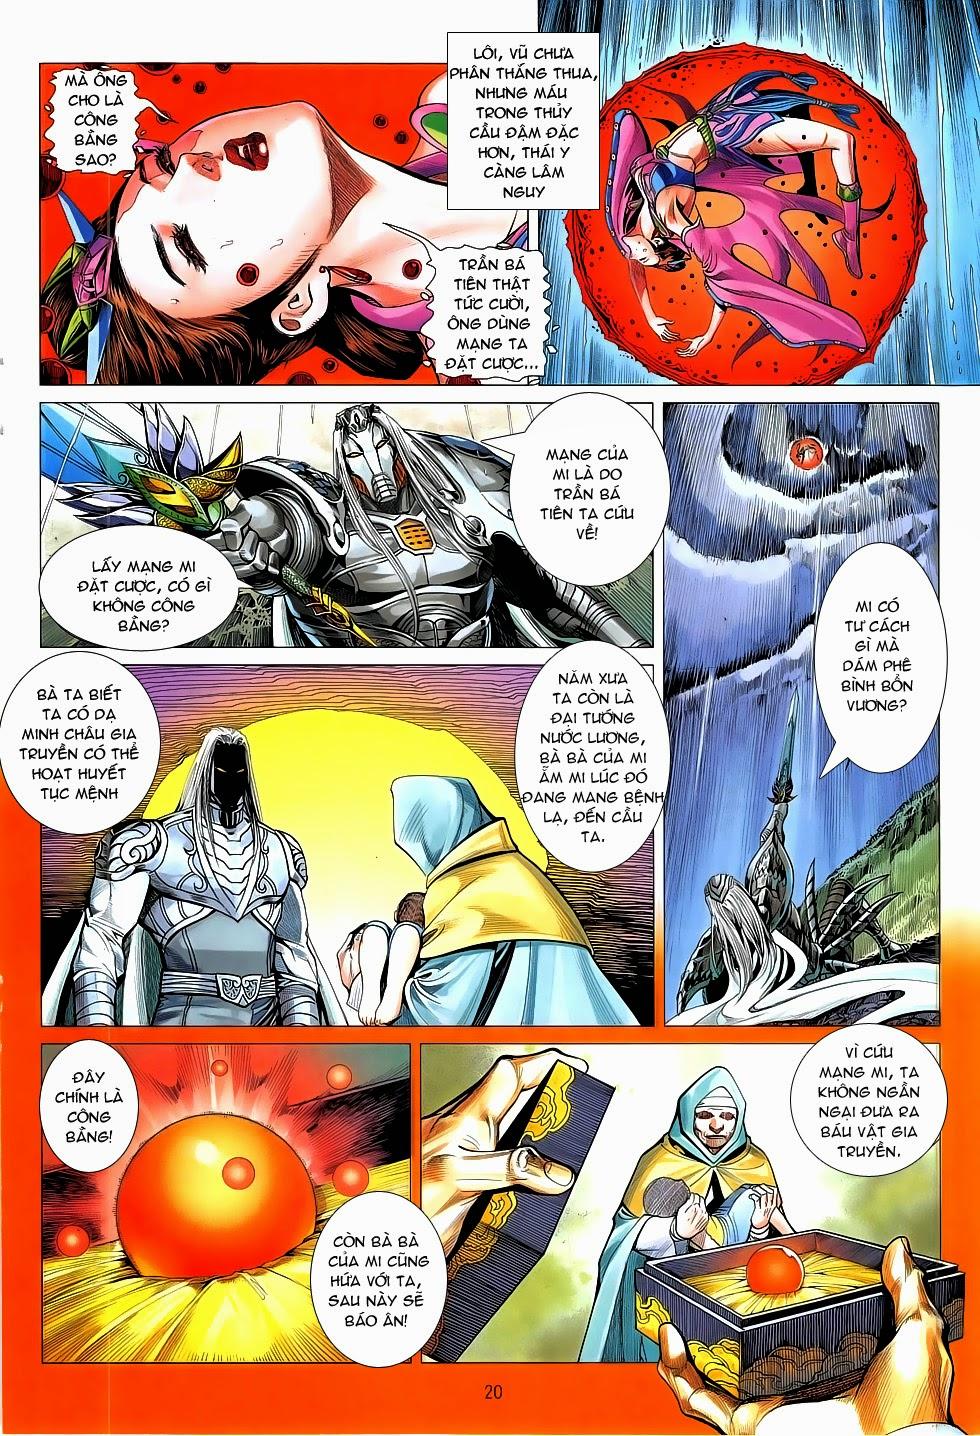 Chiến Phổ chapter 10: chấn tích lịch trang 20